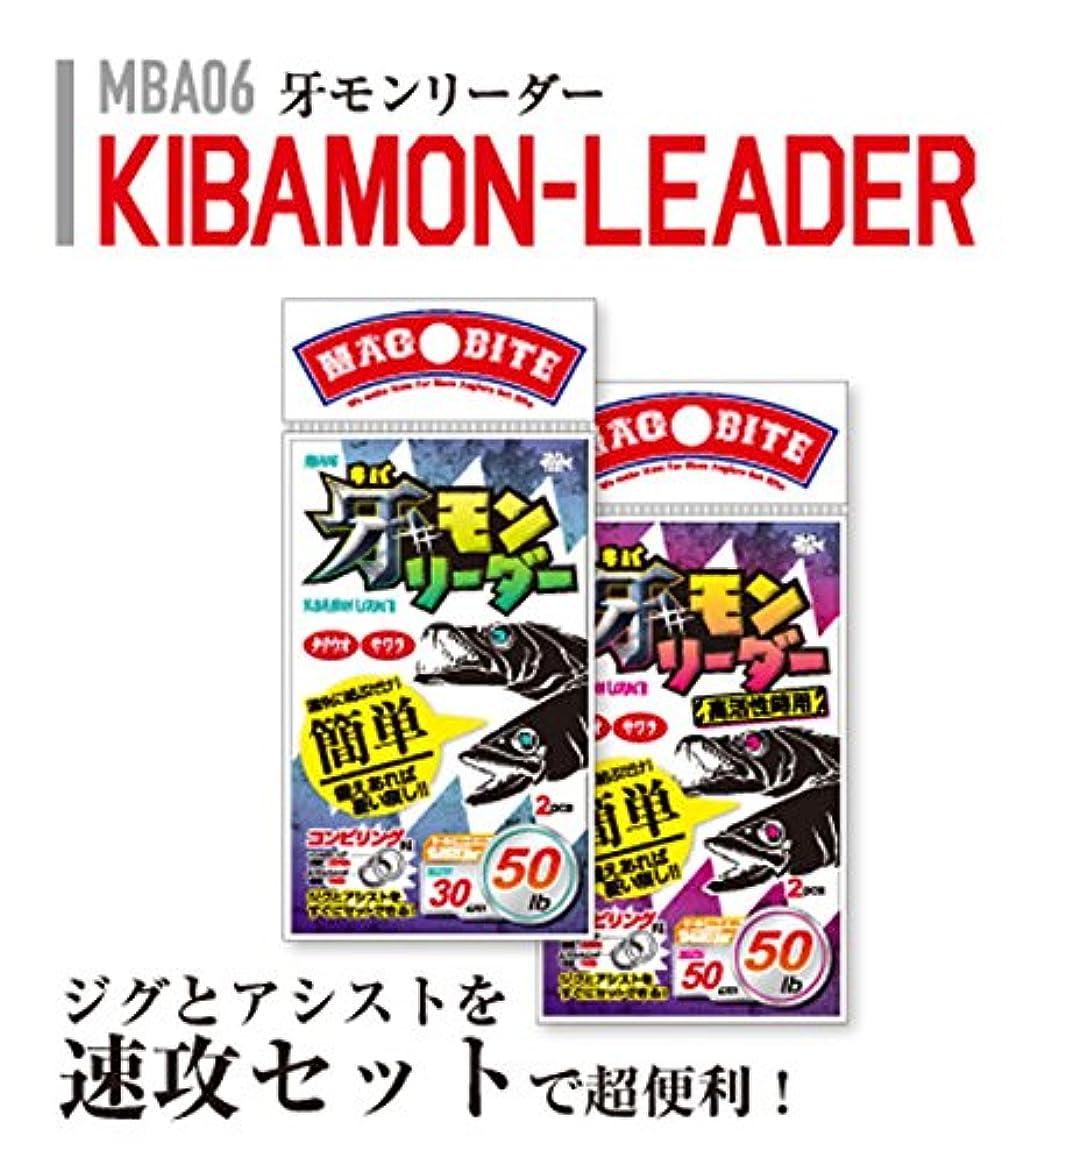 エキゾチックパフパスマグバイト MBA06 牙モンリーダー 30cm 100lb MAGBITE KIBAMON-LEADER